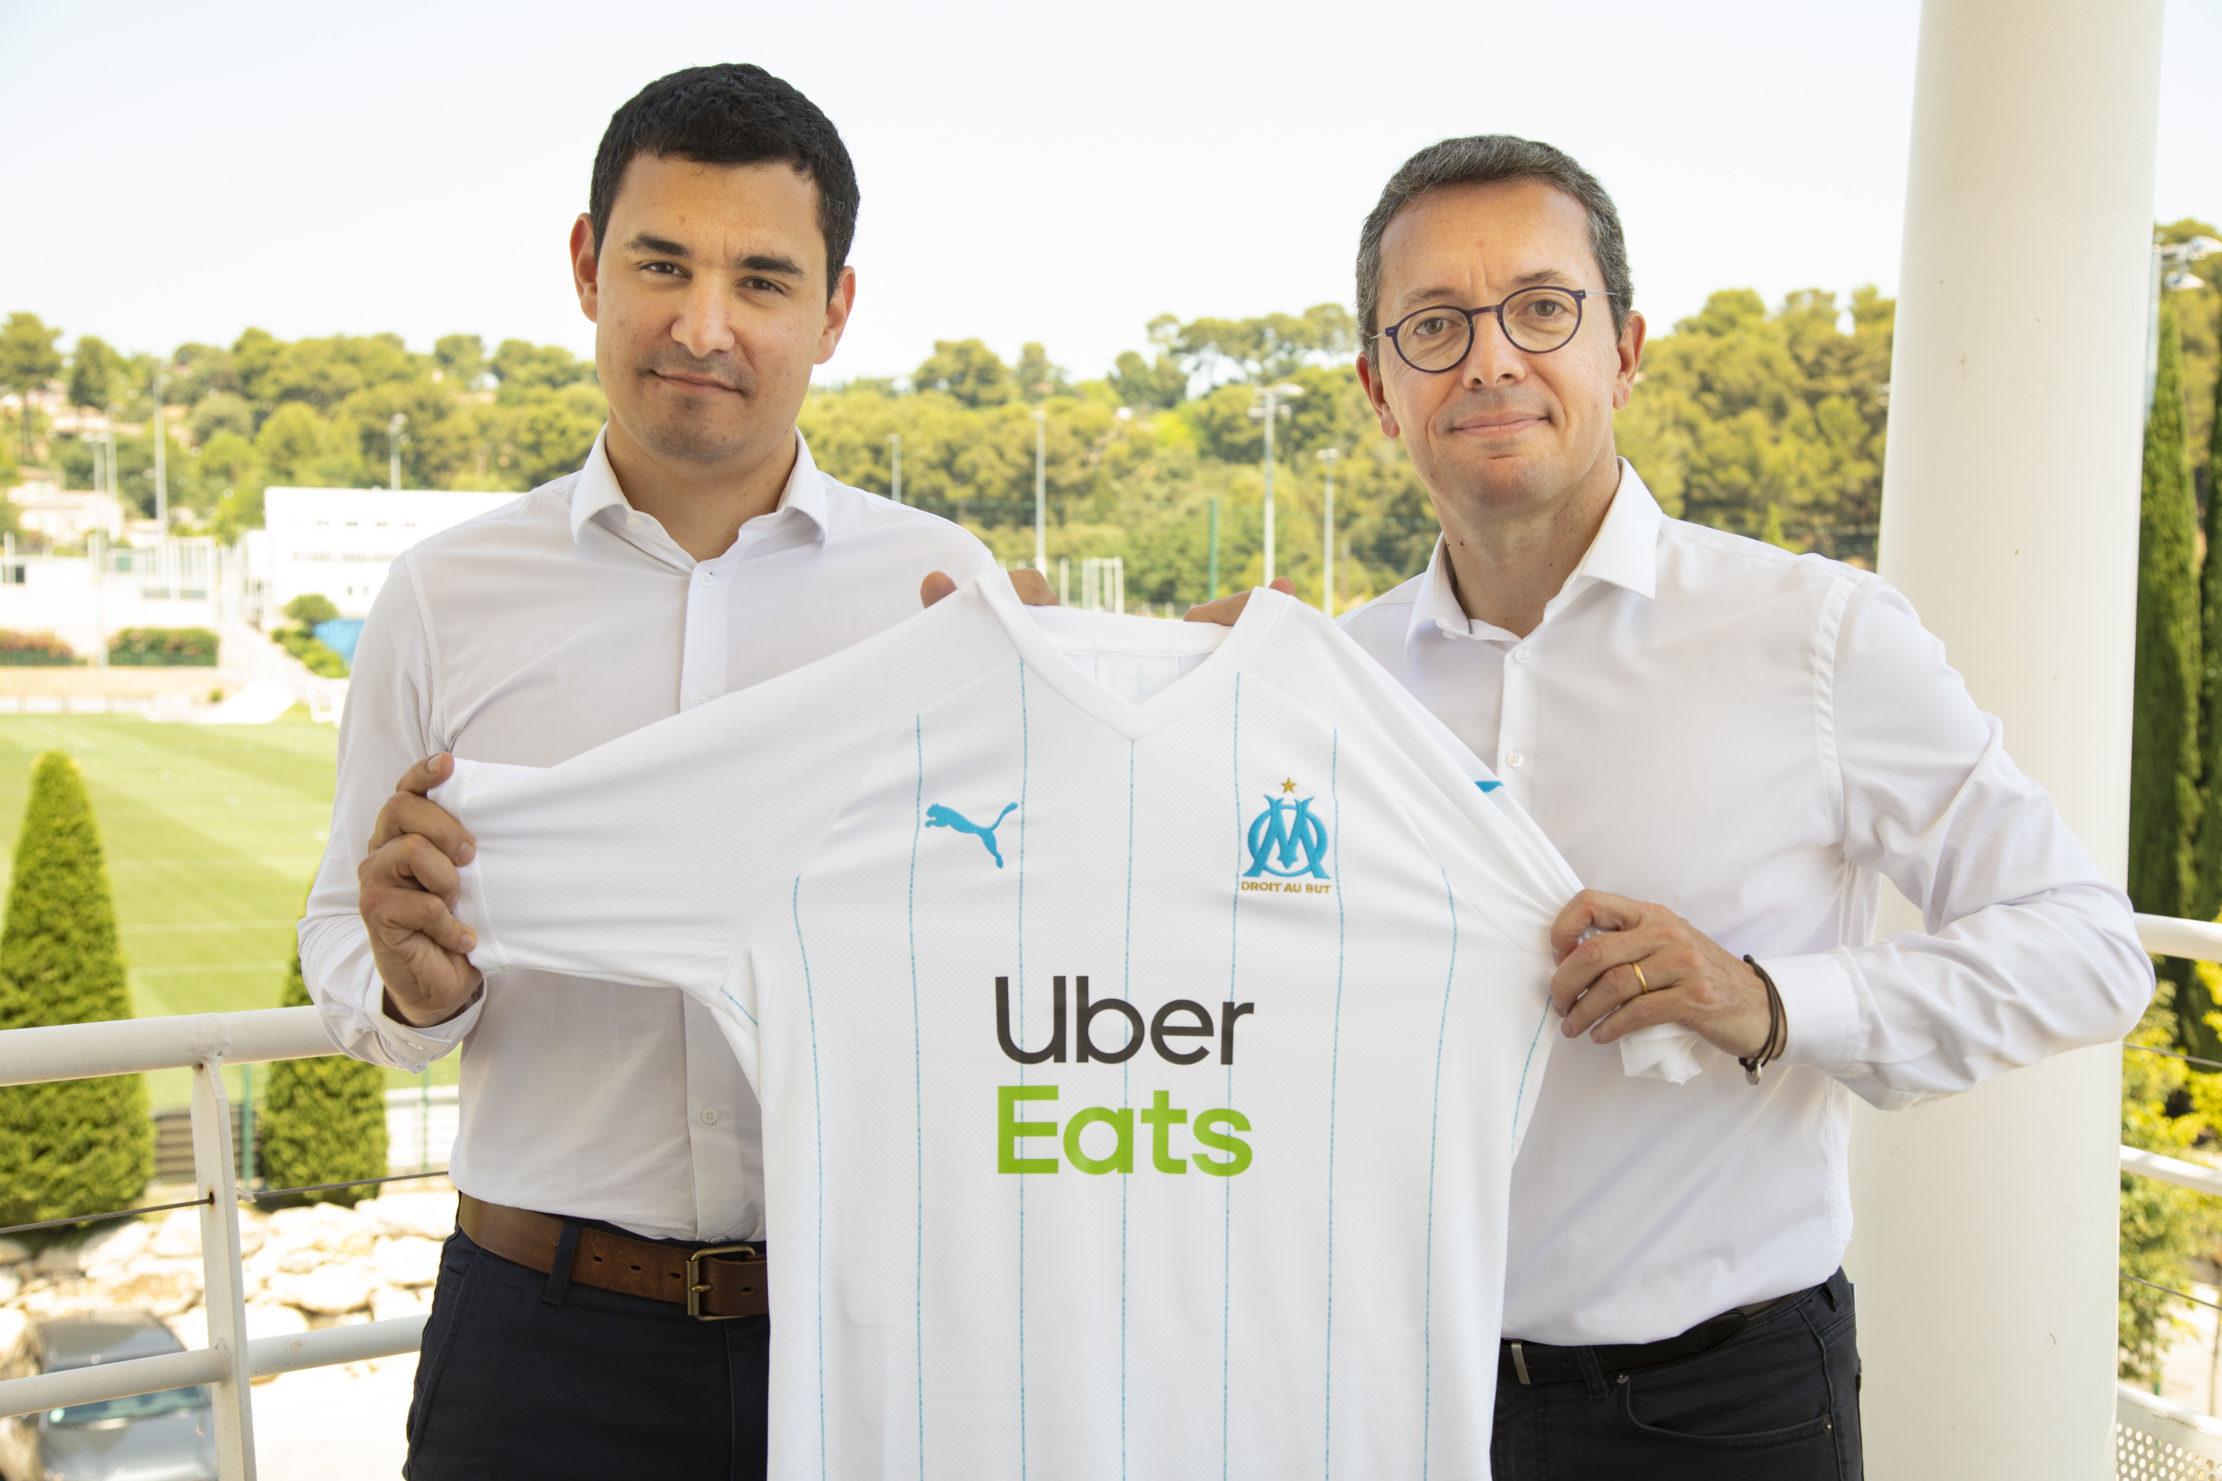 maillot-football-puma-om-uber-eats-2019-2020-footpack-2maillot-football-puma-om-uber-eats-2019-2020-footpack-2